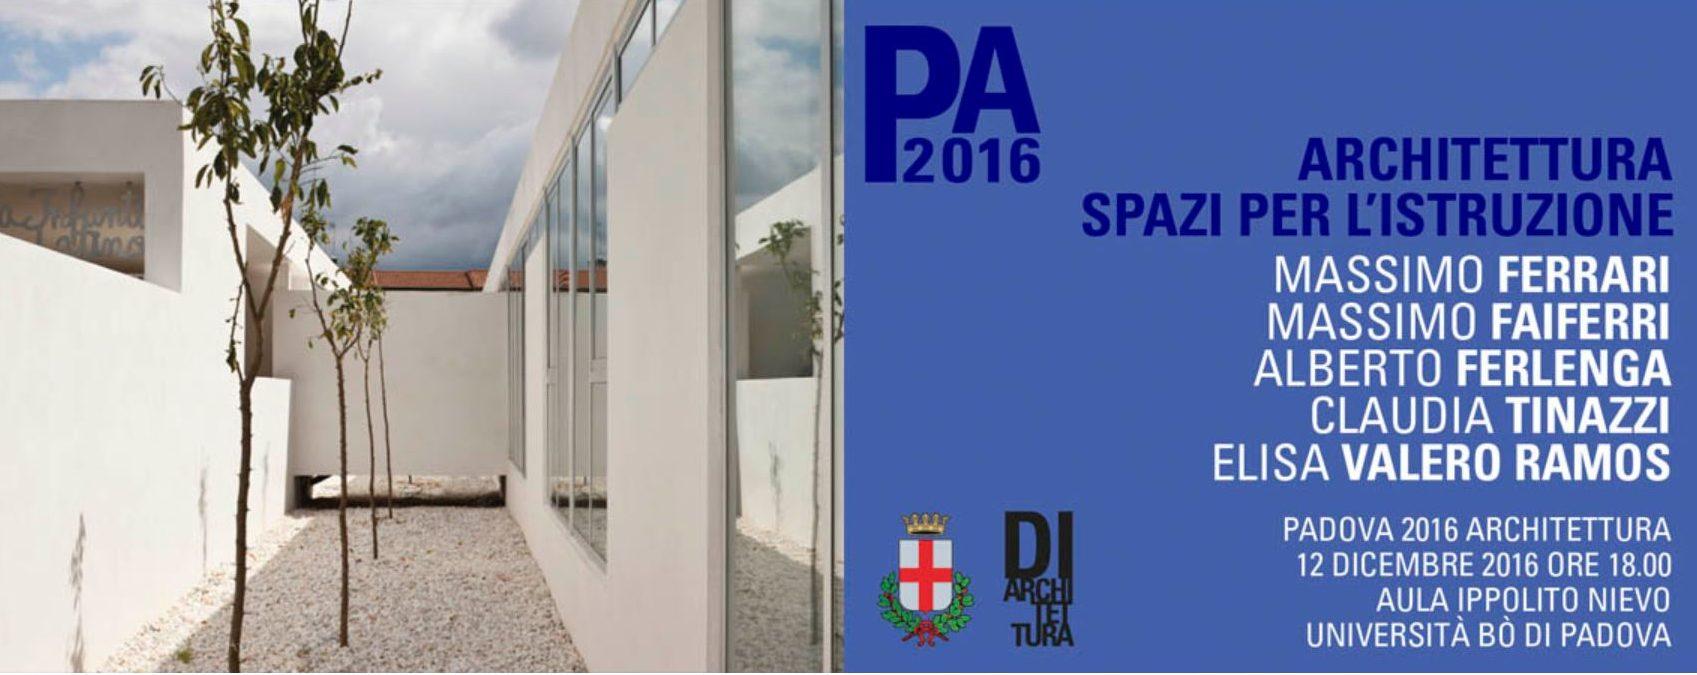 Architettura: Spazi per l'istruzione